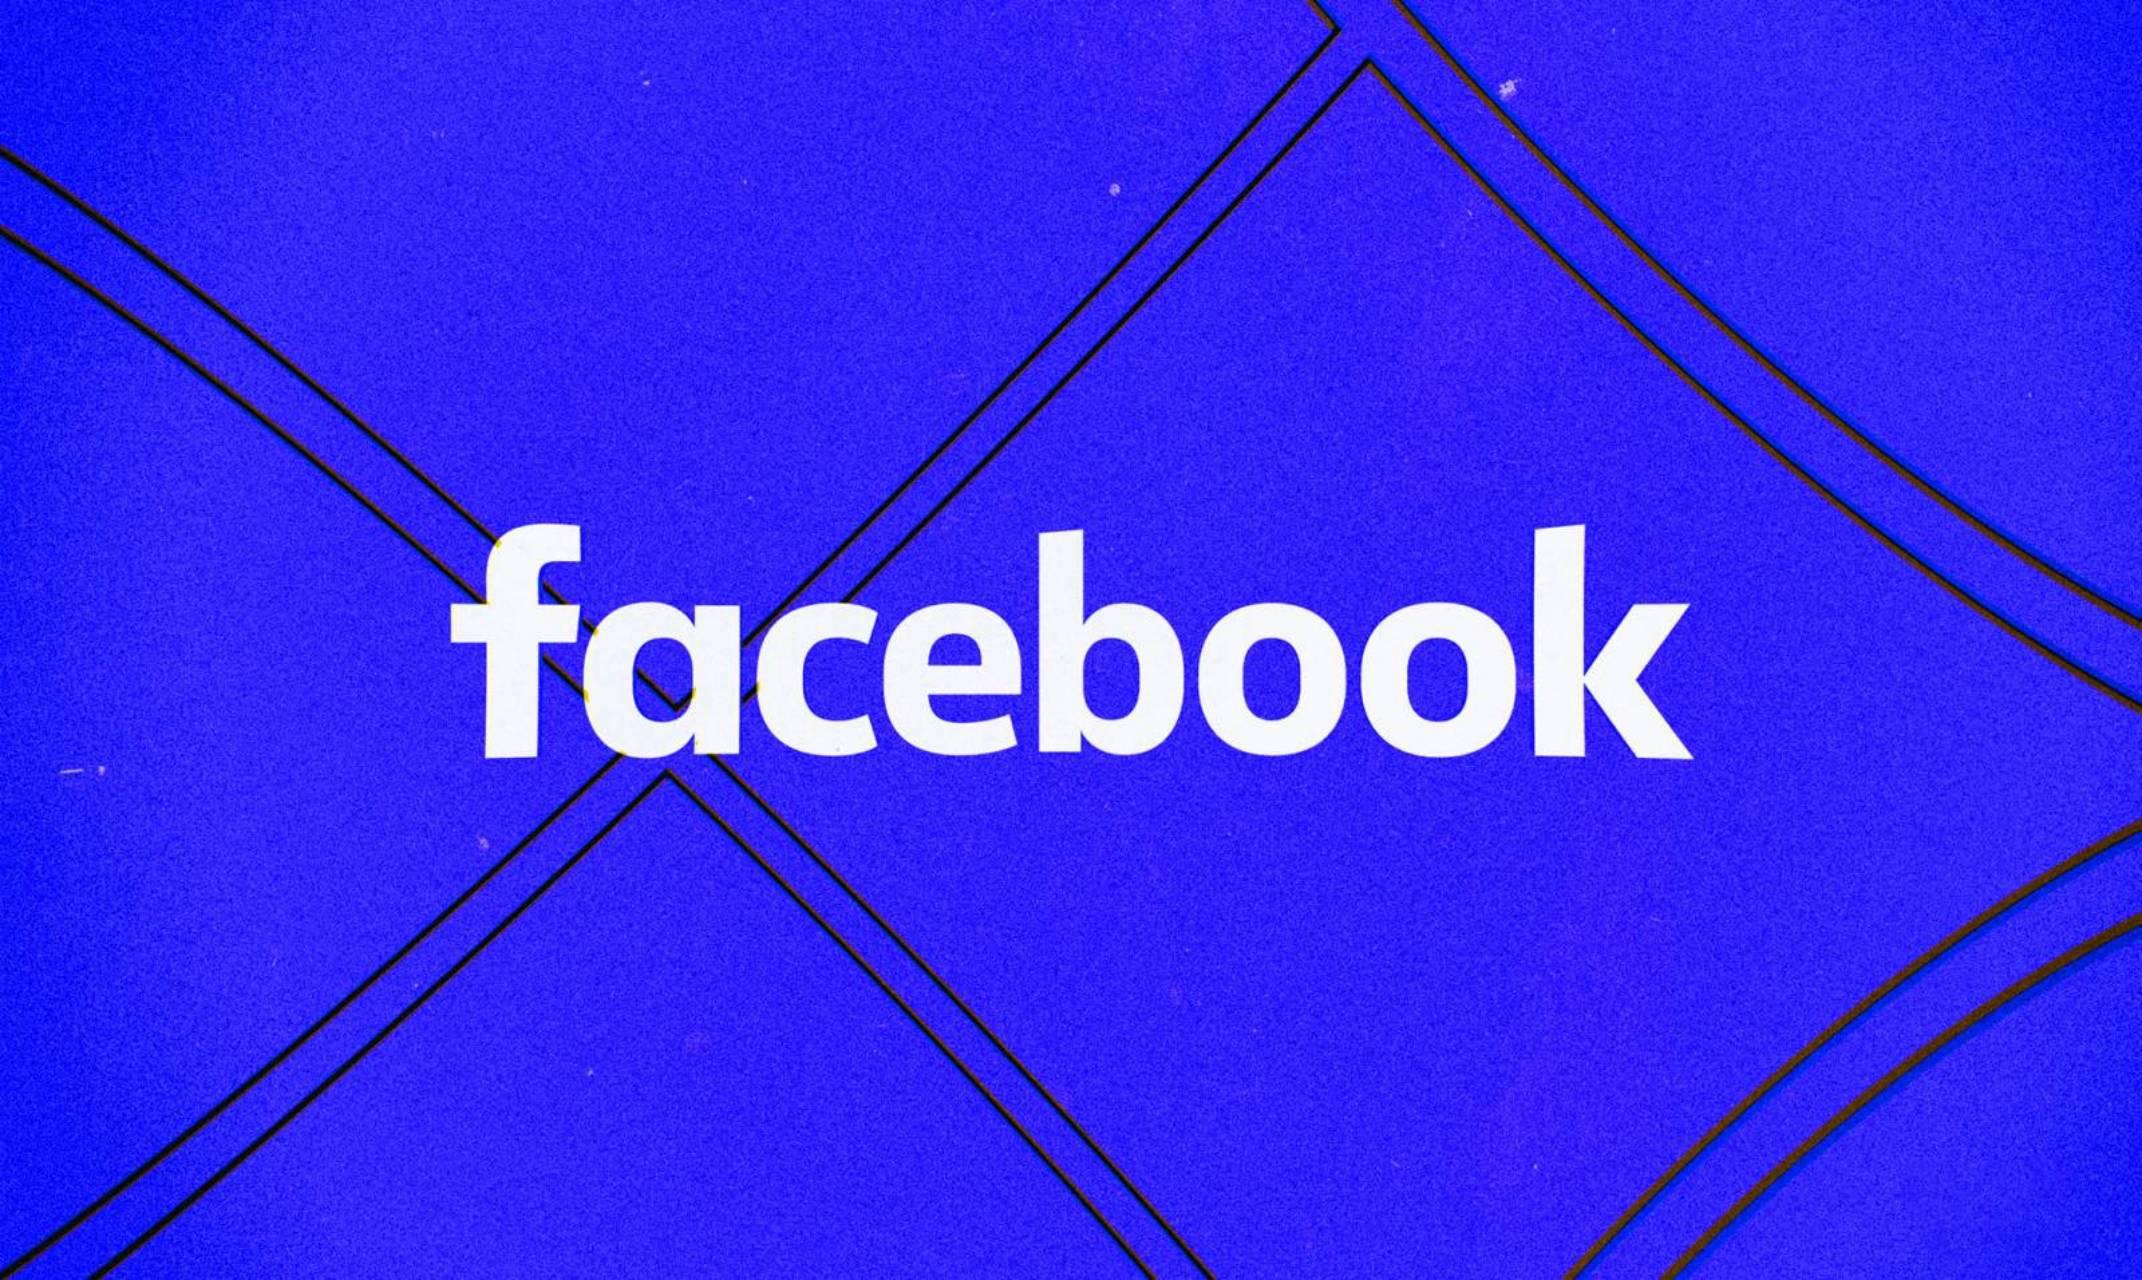 facebook schimbare reteaua socializare